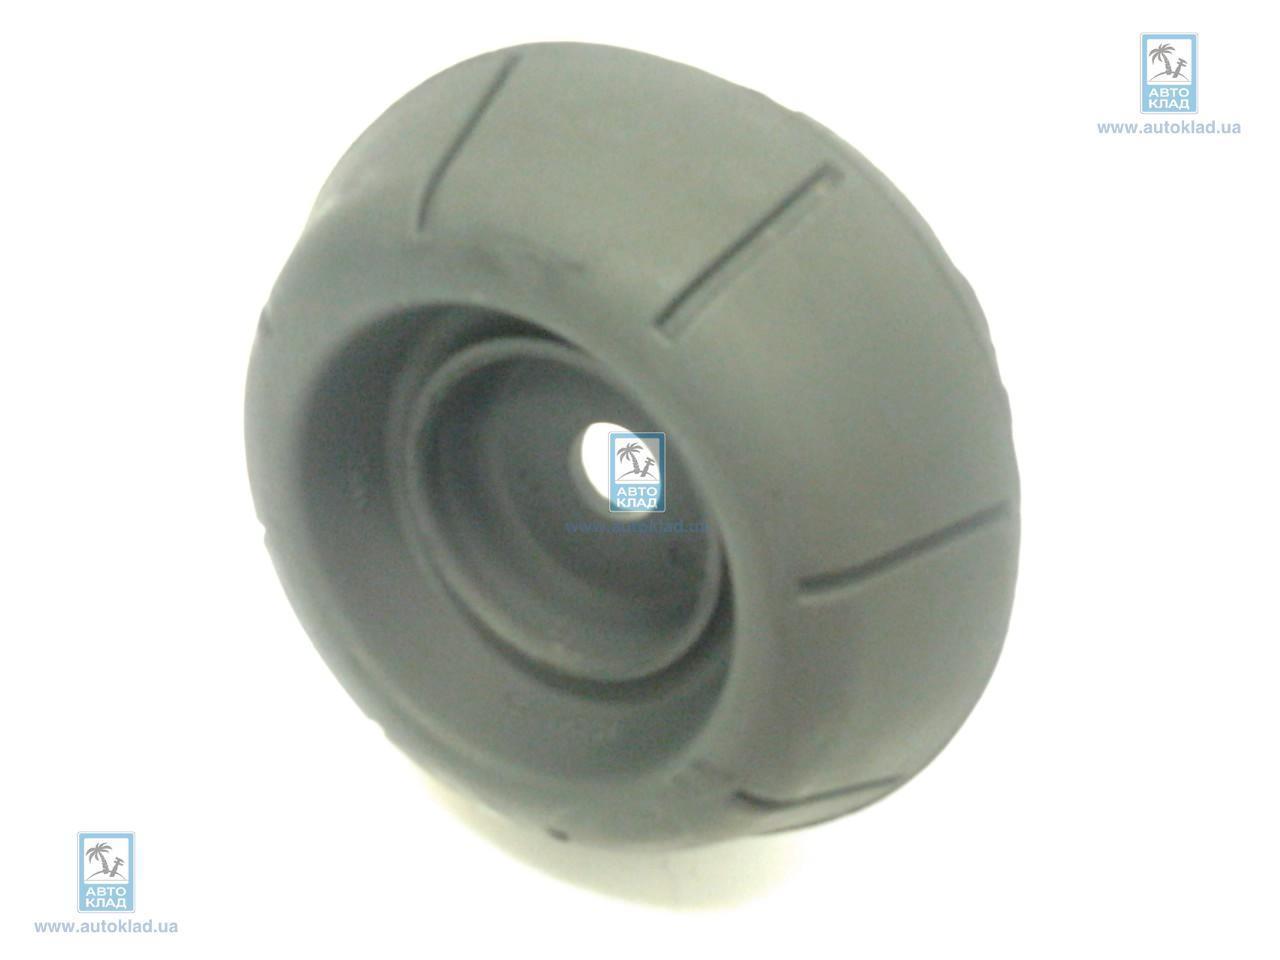 Опора амортизатора CTR CVKD-73